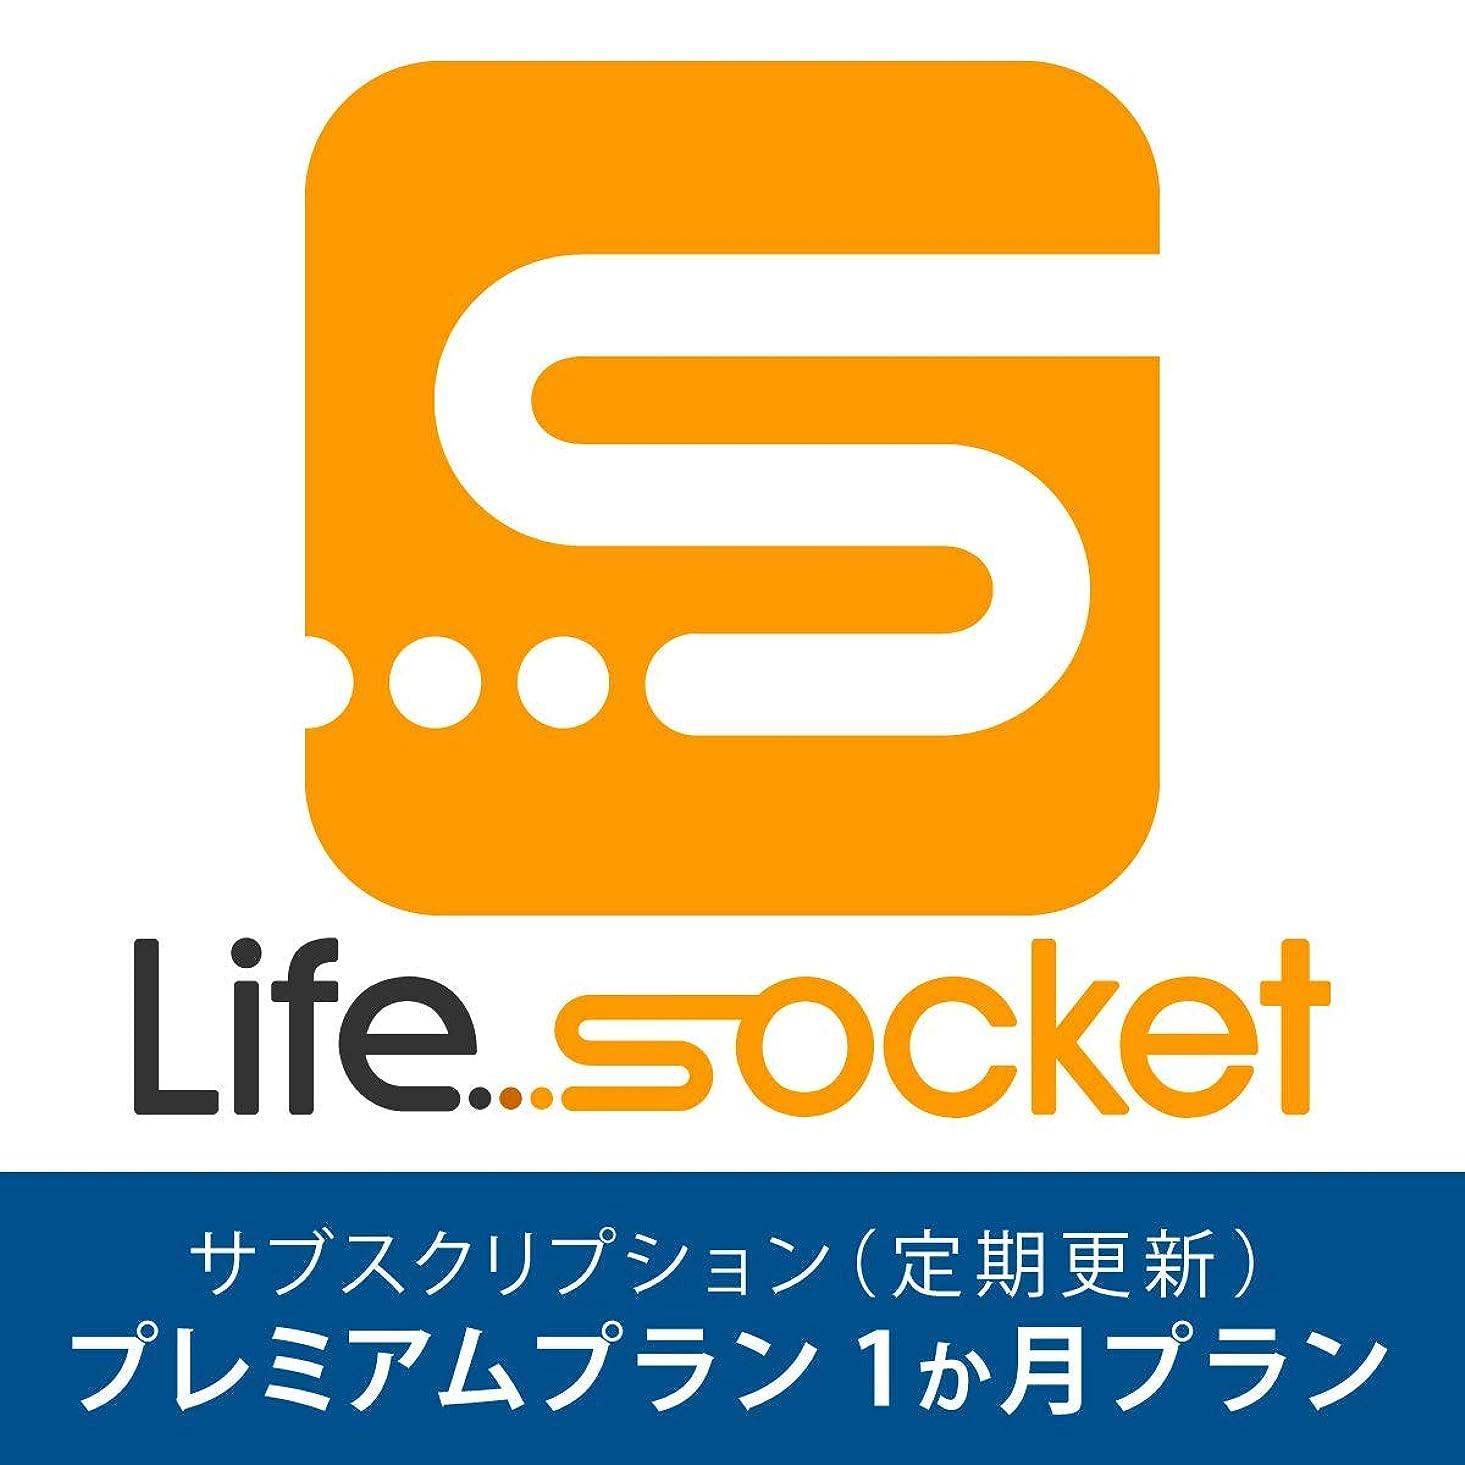 パステルメナジェリー刈るLifesocket 気象API プレミアムプラン | 1か月プラン | サブスクリプション(定期更新)